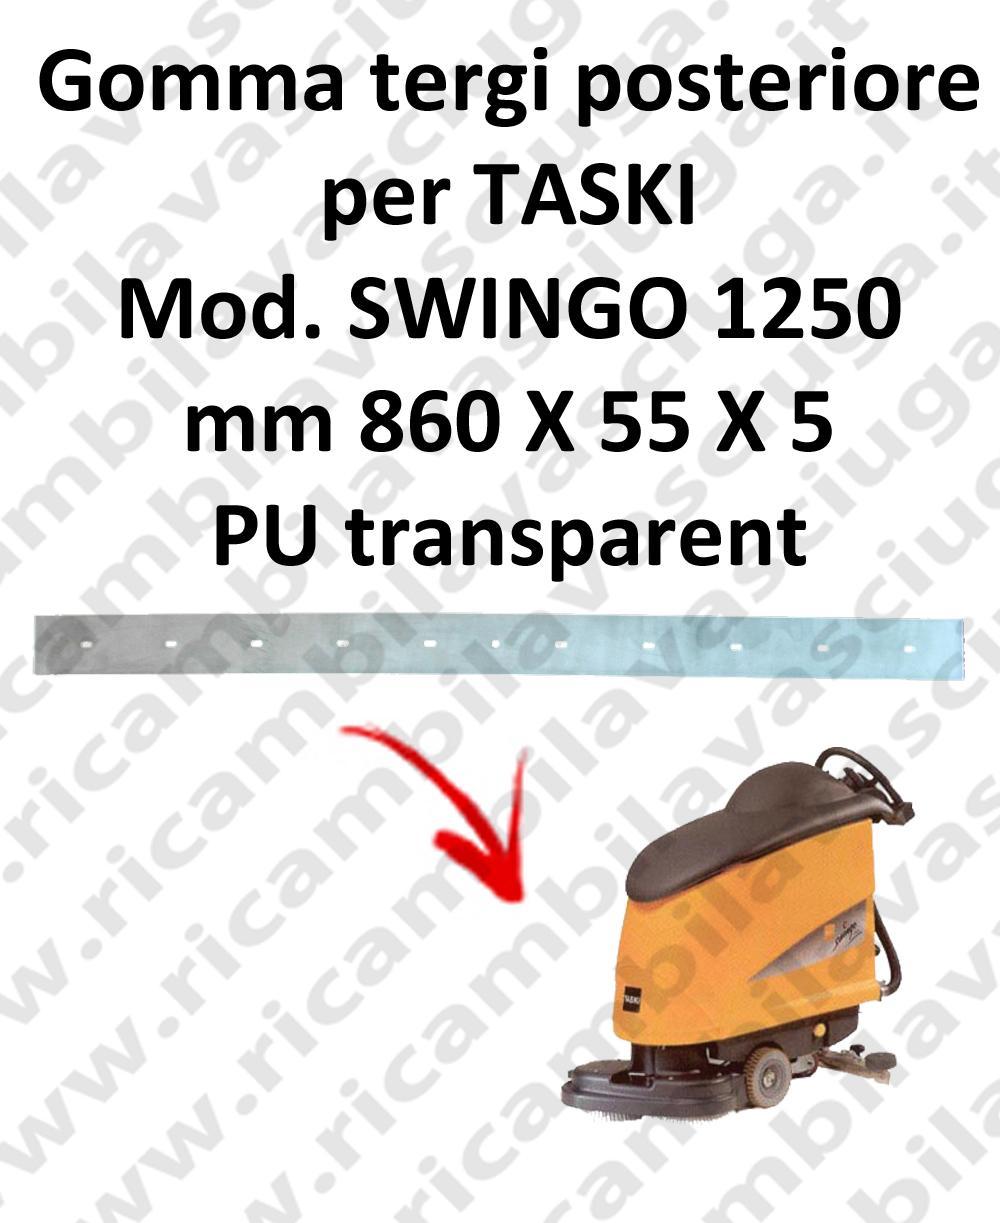 Gomma tergi posteriore per lavapavimenti TASKI modello SWINGO 1250